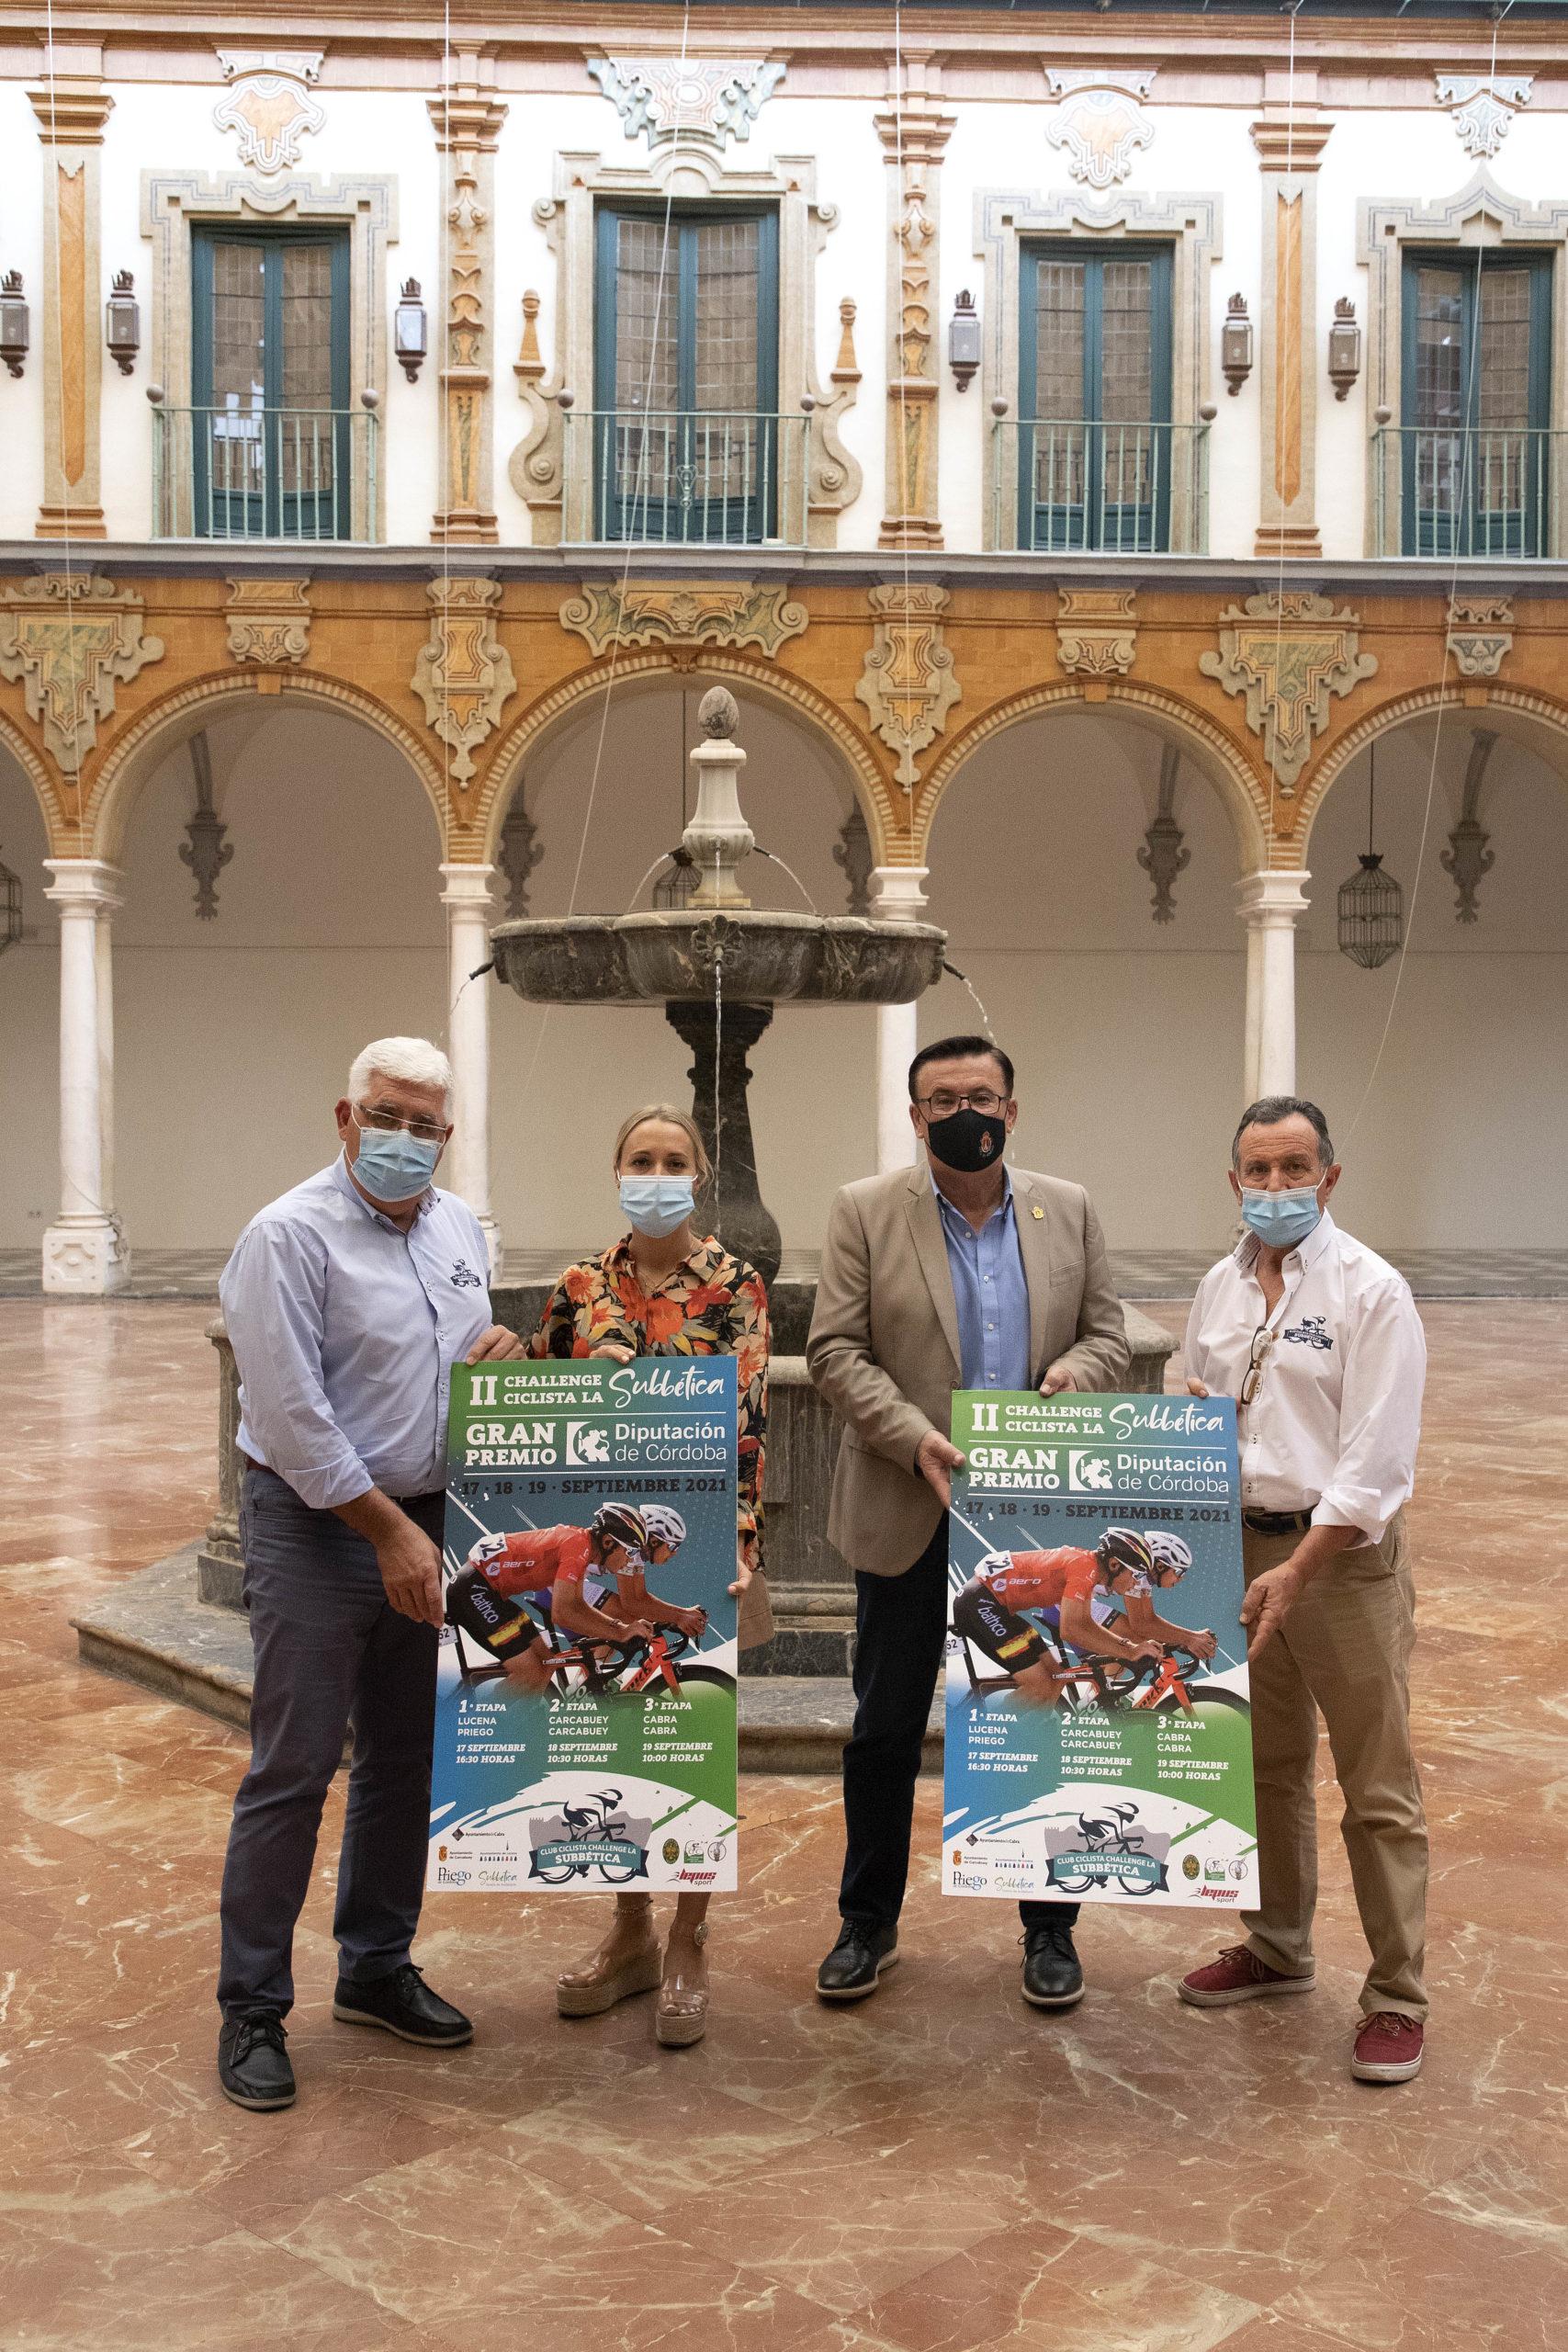 Más de 130 ciclistas de todo el territorio nacional participarán en la II Challenge Ciclista de la Subbética